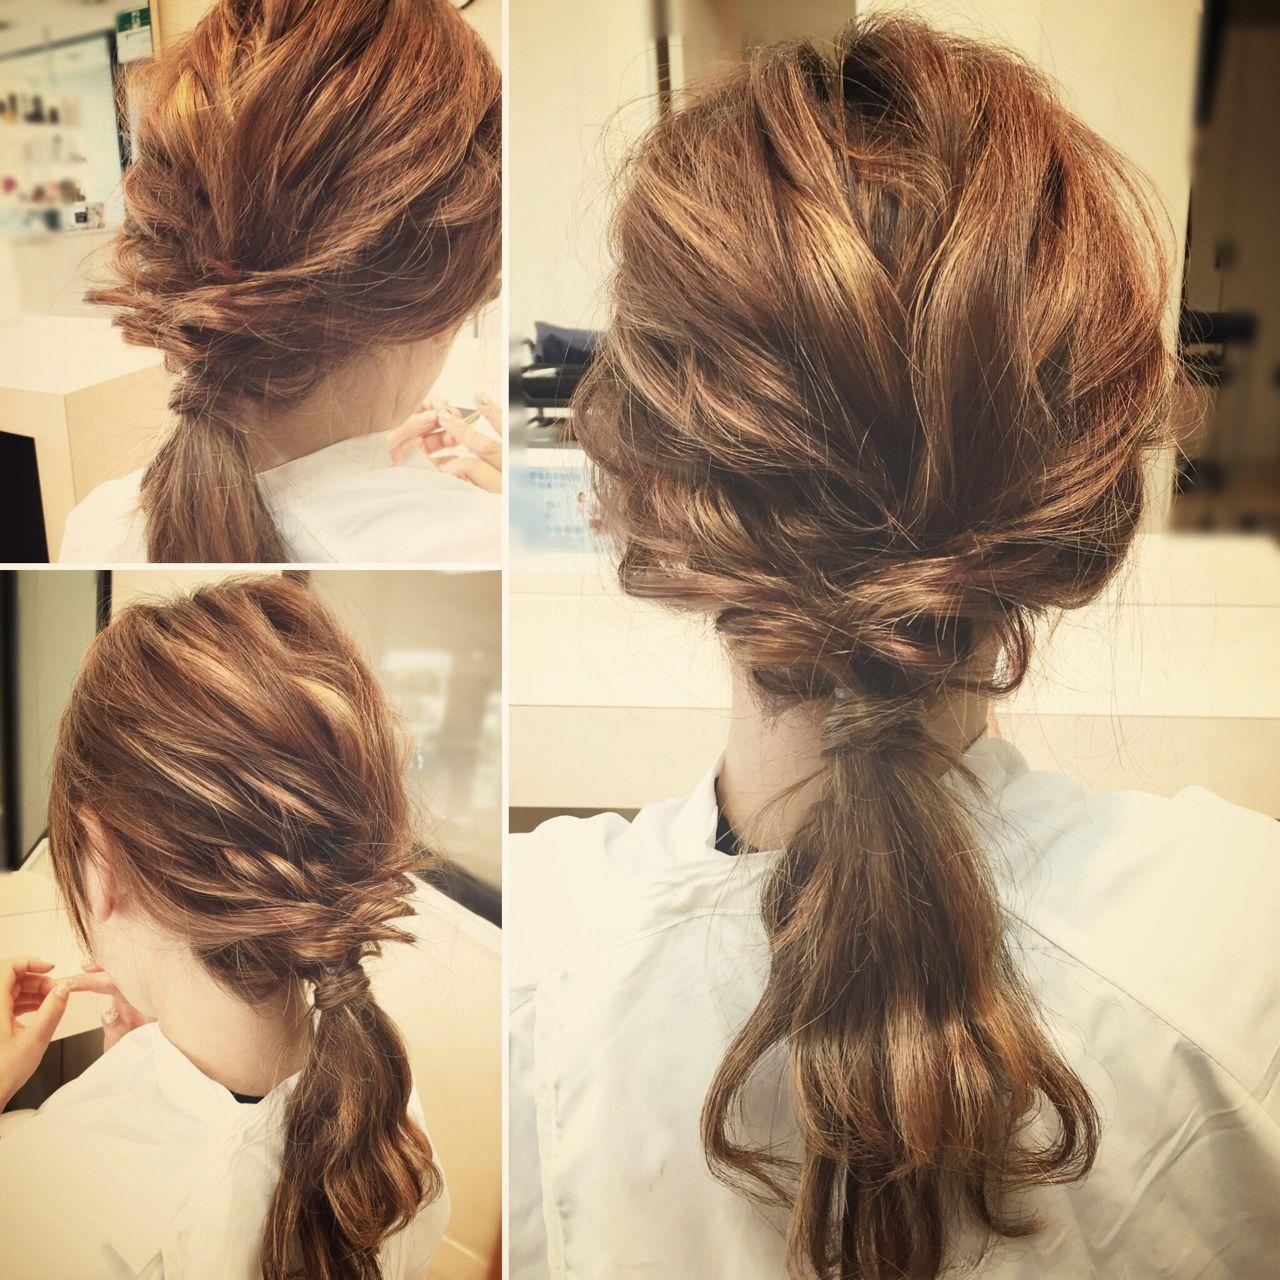 パーティ 結婚式 ゆるふわ ヘアアレンジヘアスタイルや髪型の写真・画像